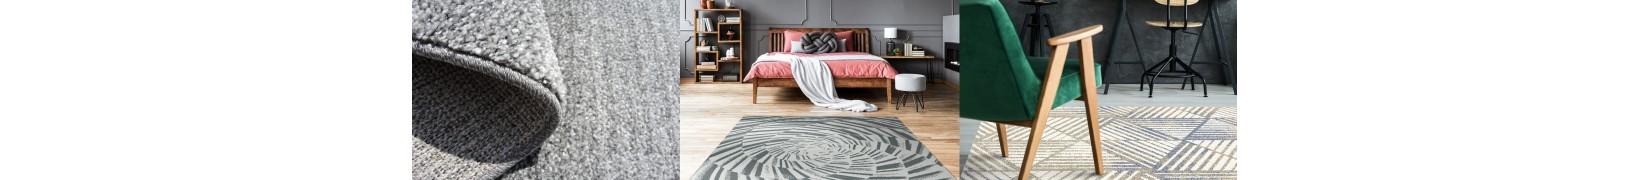 Modne dywany do salonu Agnella Avanti. Popiele, Beże i inne